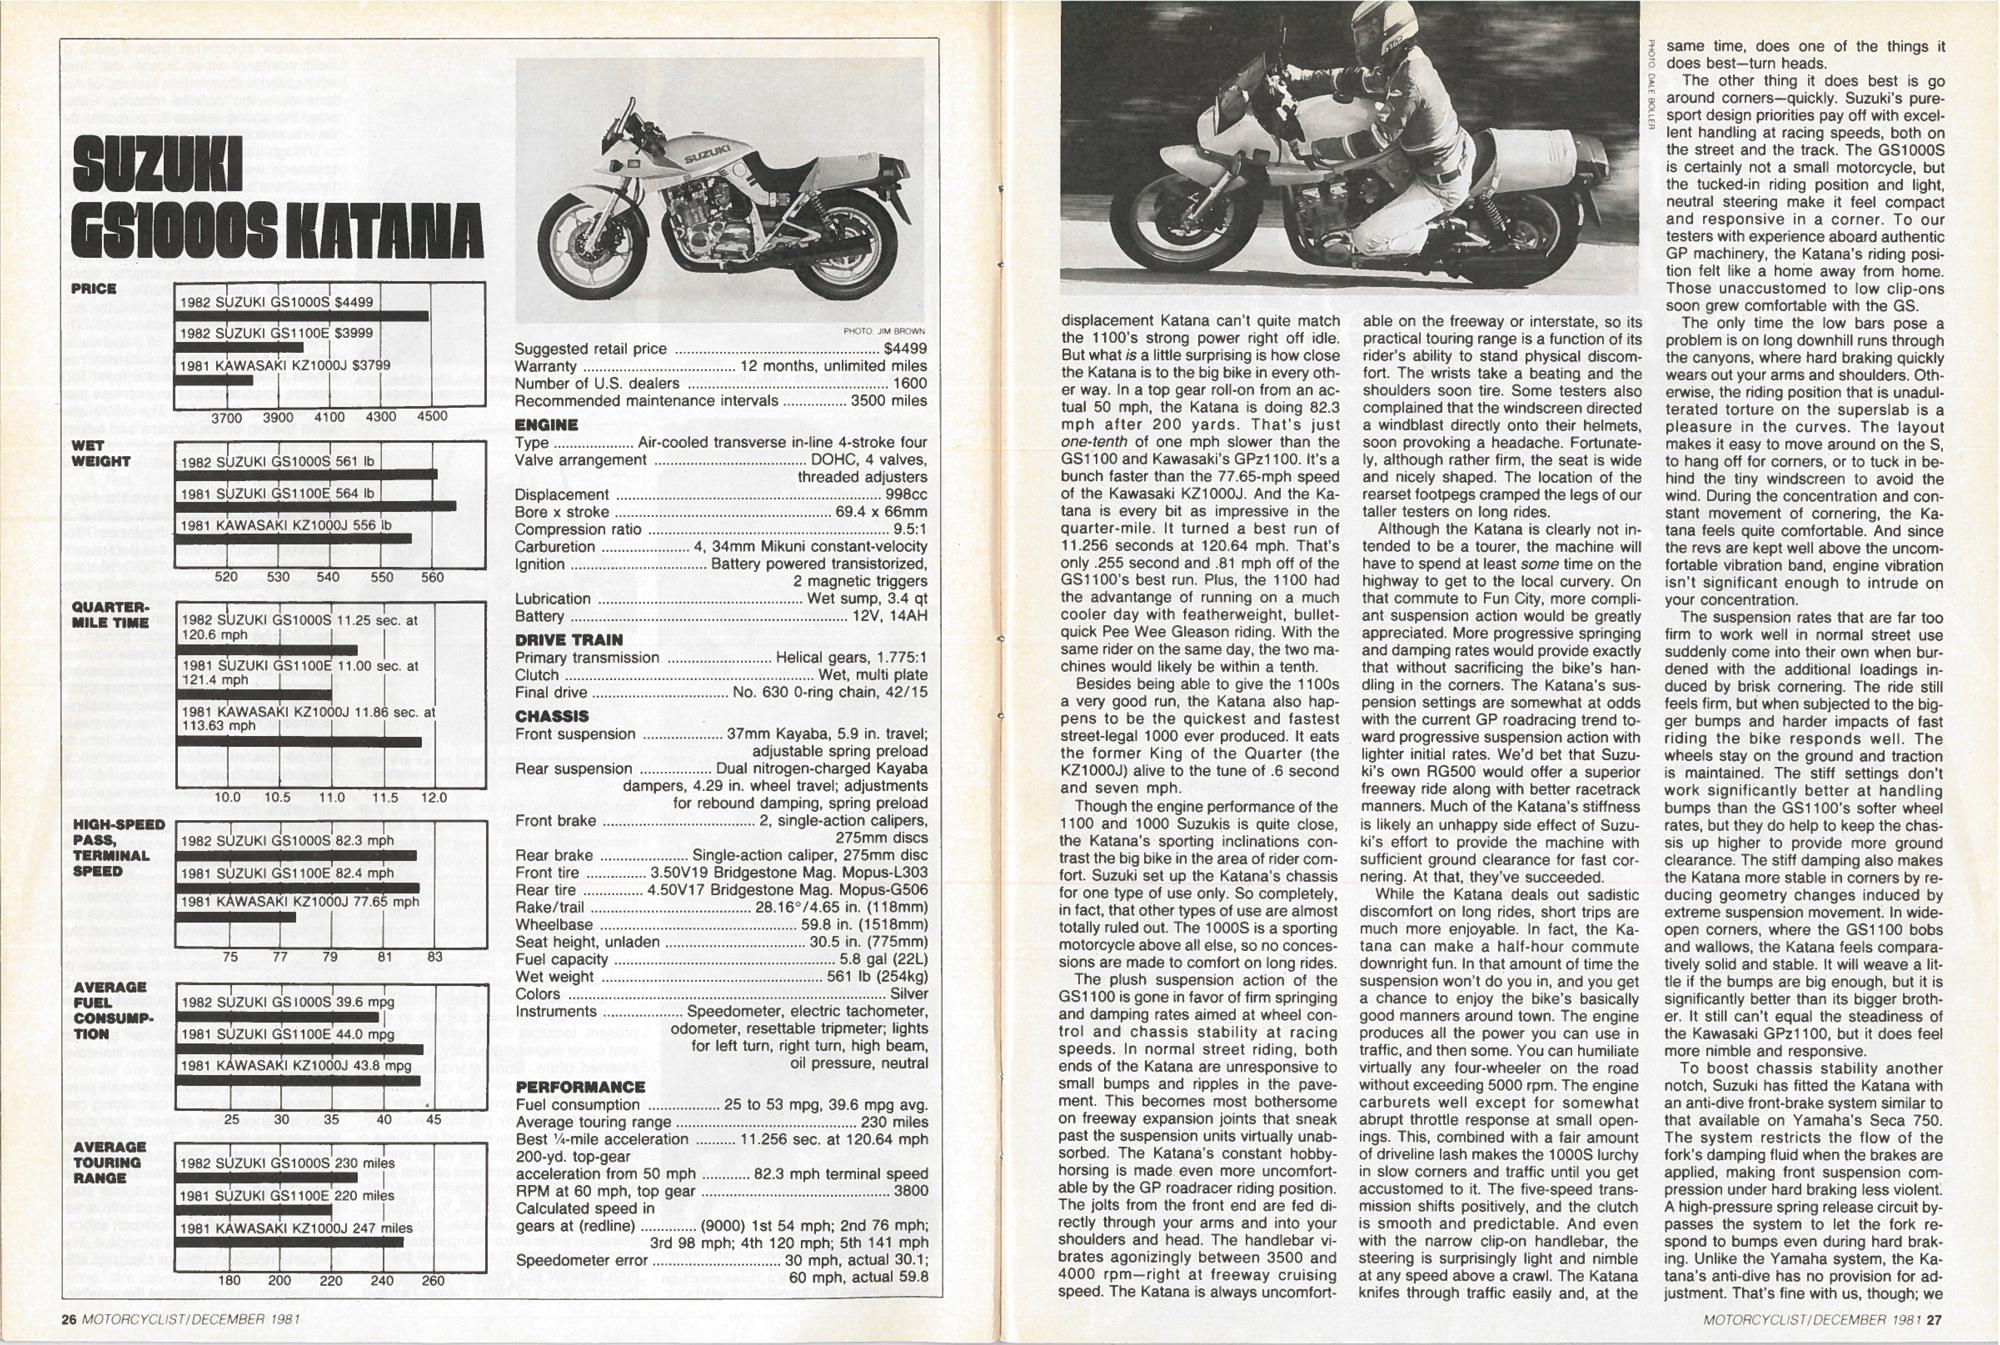 1977 Suzuki Gs750 Wiring Diagram. . Wiring Diagram on